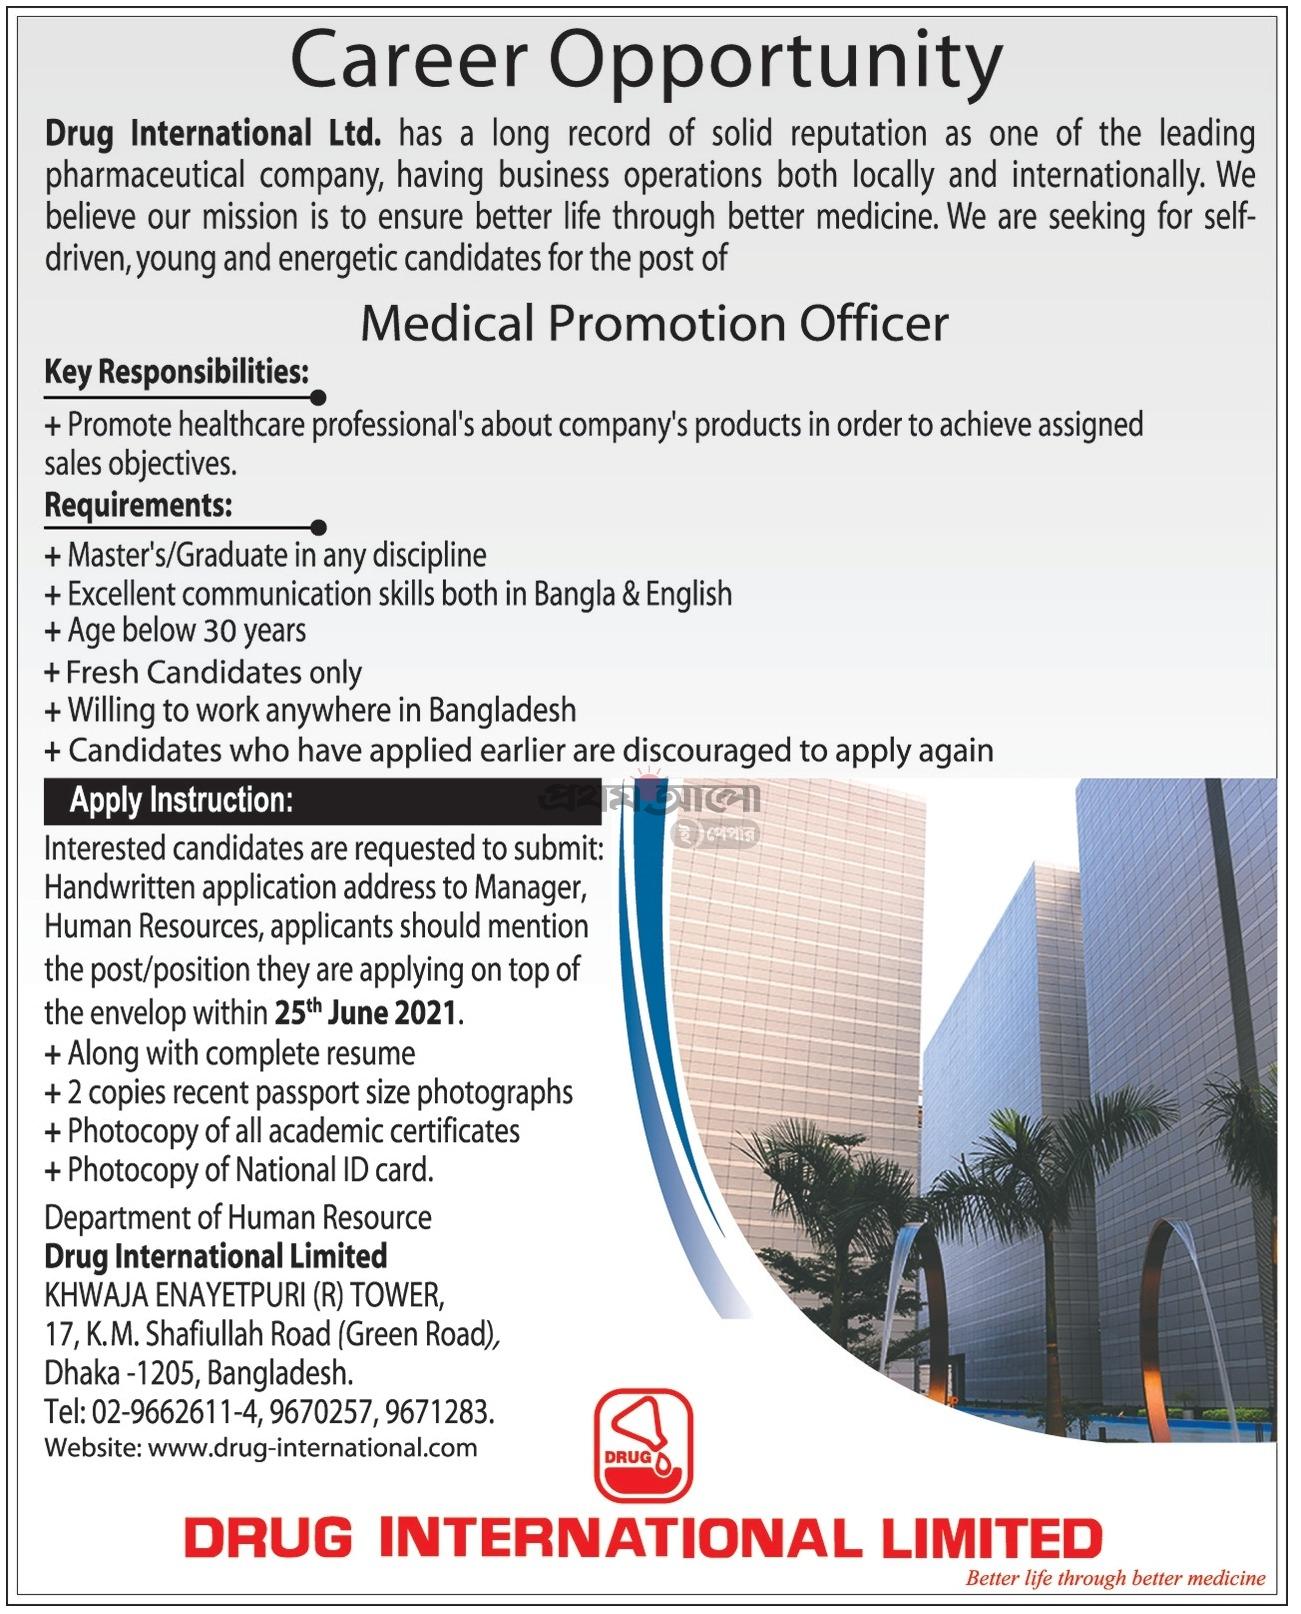 ড্রাগ ইন্টারন্যাশনাল নিয়োগ বিজ্ঞপ্তি ২০২১ - Drug International Limited Job Circular 2021 - মেডিক্যাল প্রমোশন অফিসার নিয়োগ বিজ্ঞপ্তি ২০২১